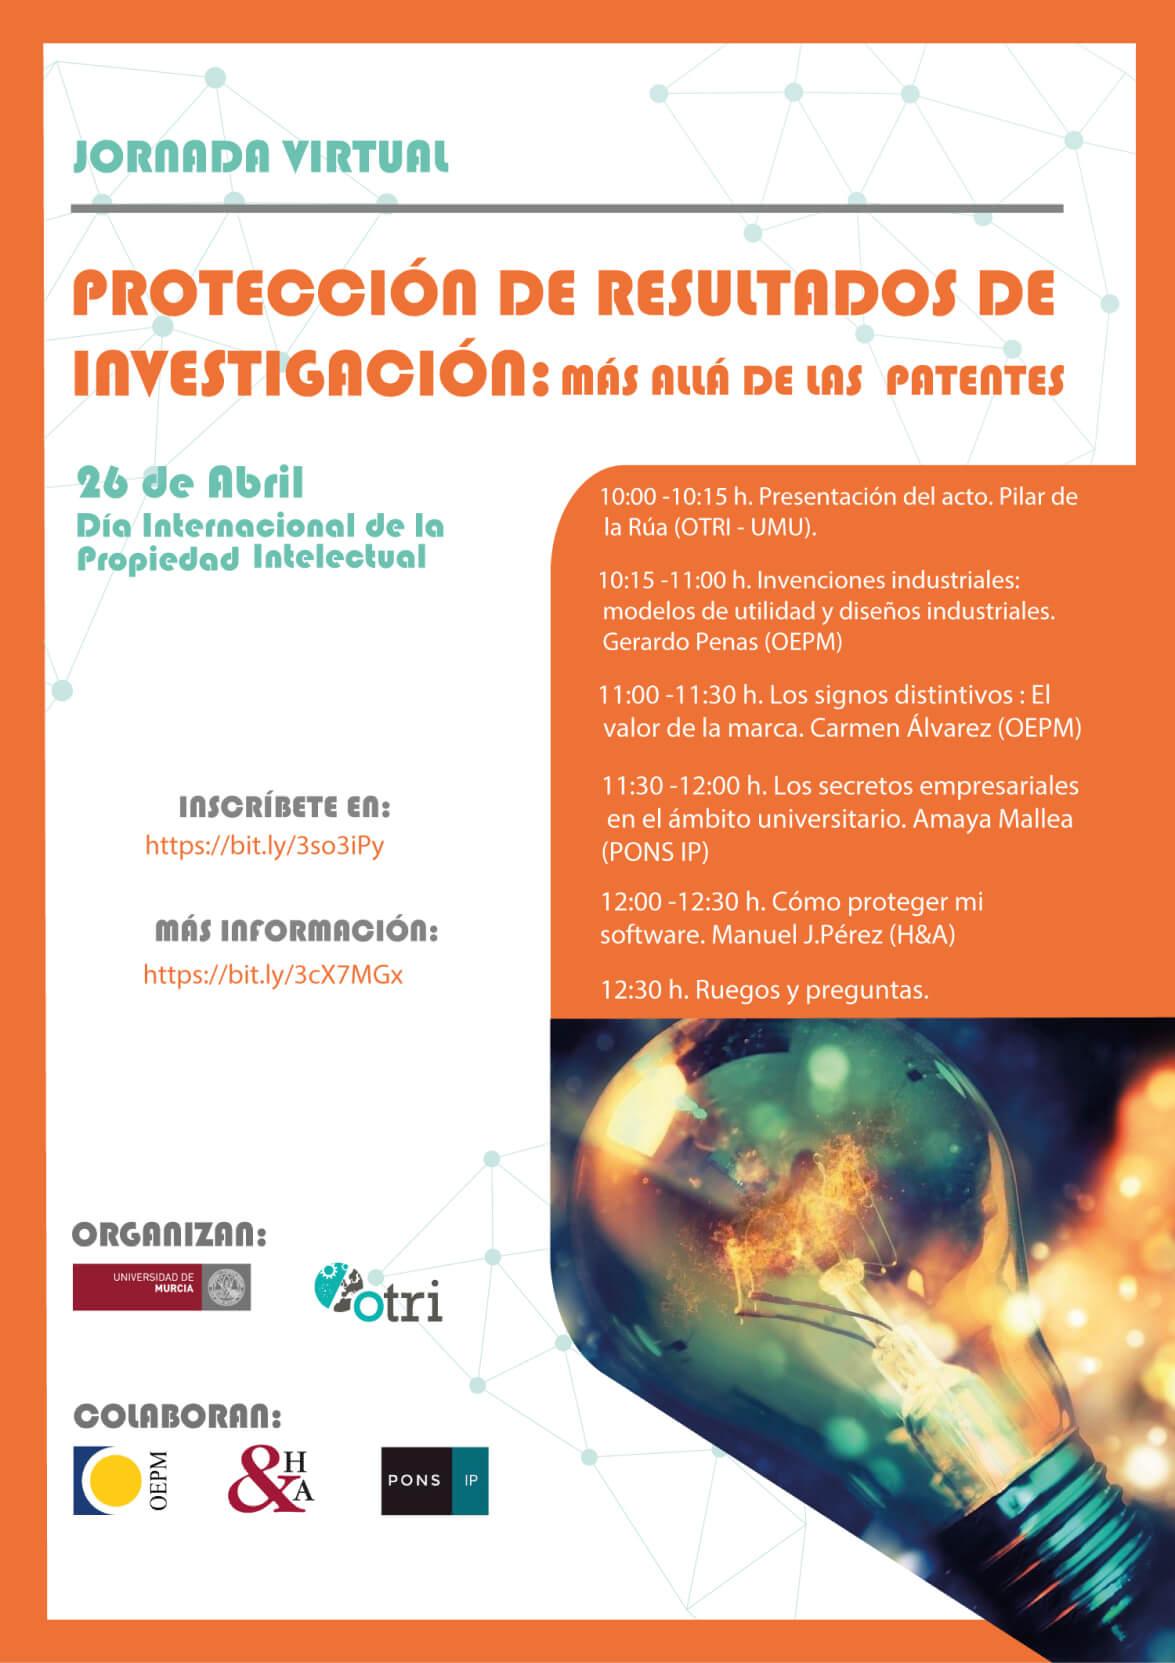 Protección de resultados de investigación: más allá de las patentes